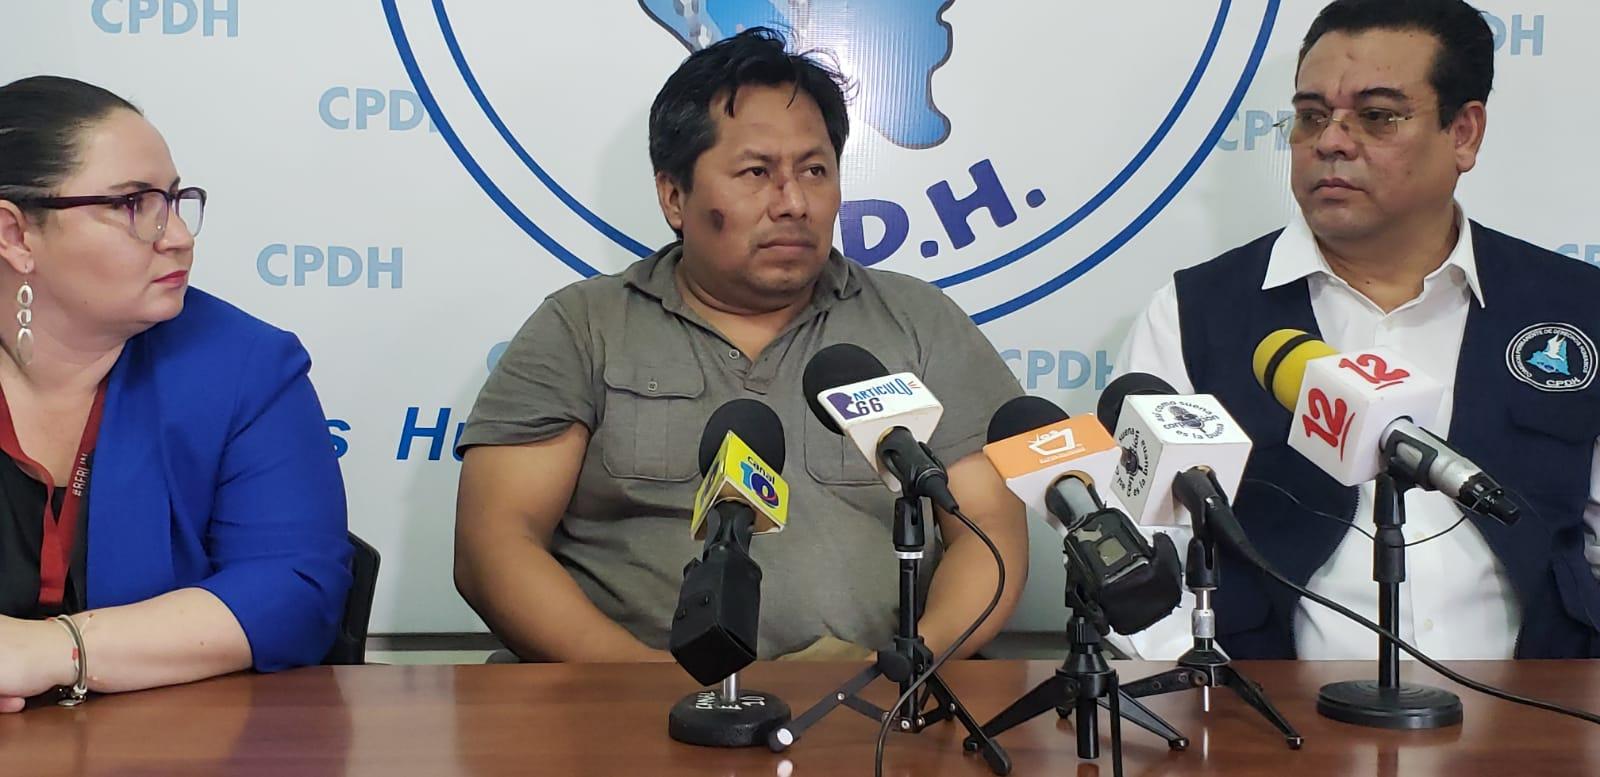 Gabriel Putoy estuvo secuestrado nueve meses por la Policía orteguista, acusado de crimen organizado y terrorismo, salió el 10 de junio de 2019, bajo la polémica Ley de amnistía. Foto: Geovanny Shiffman/Artículo66